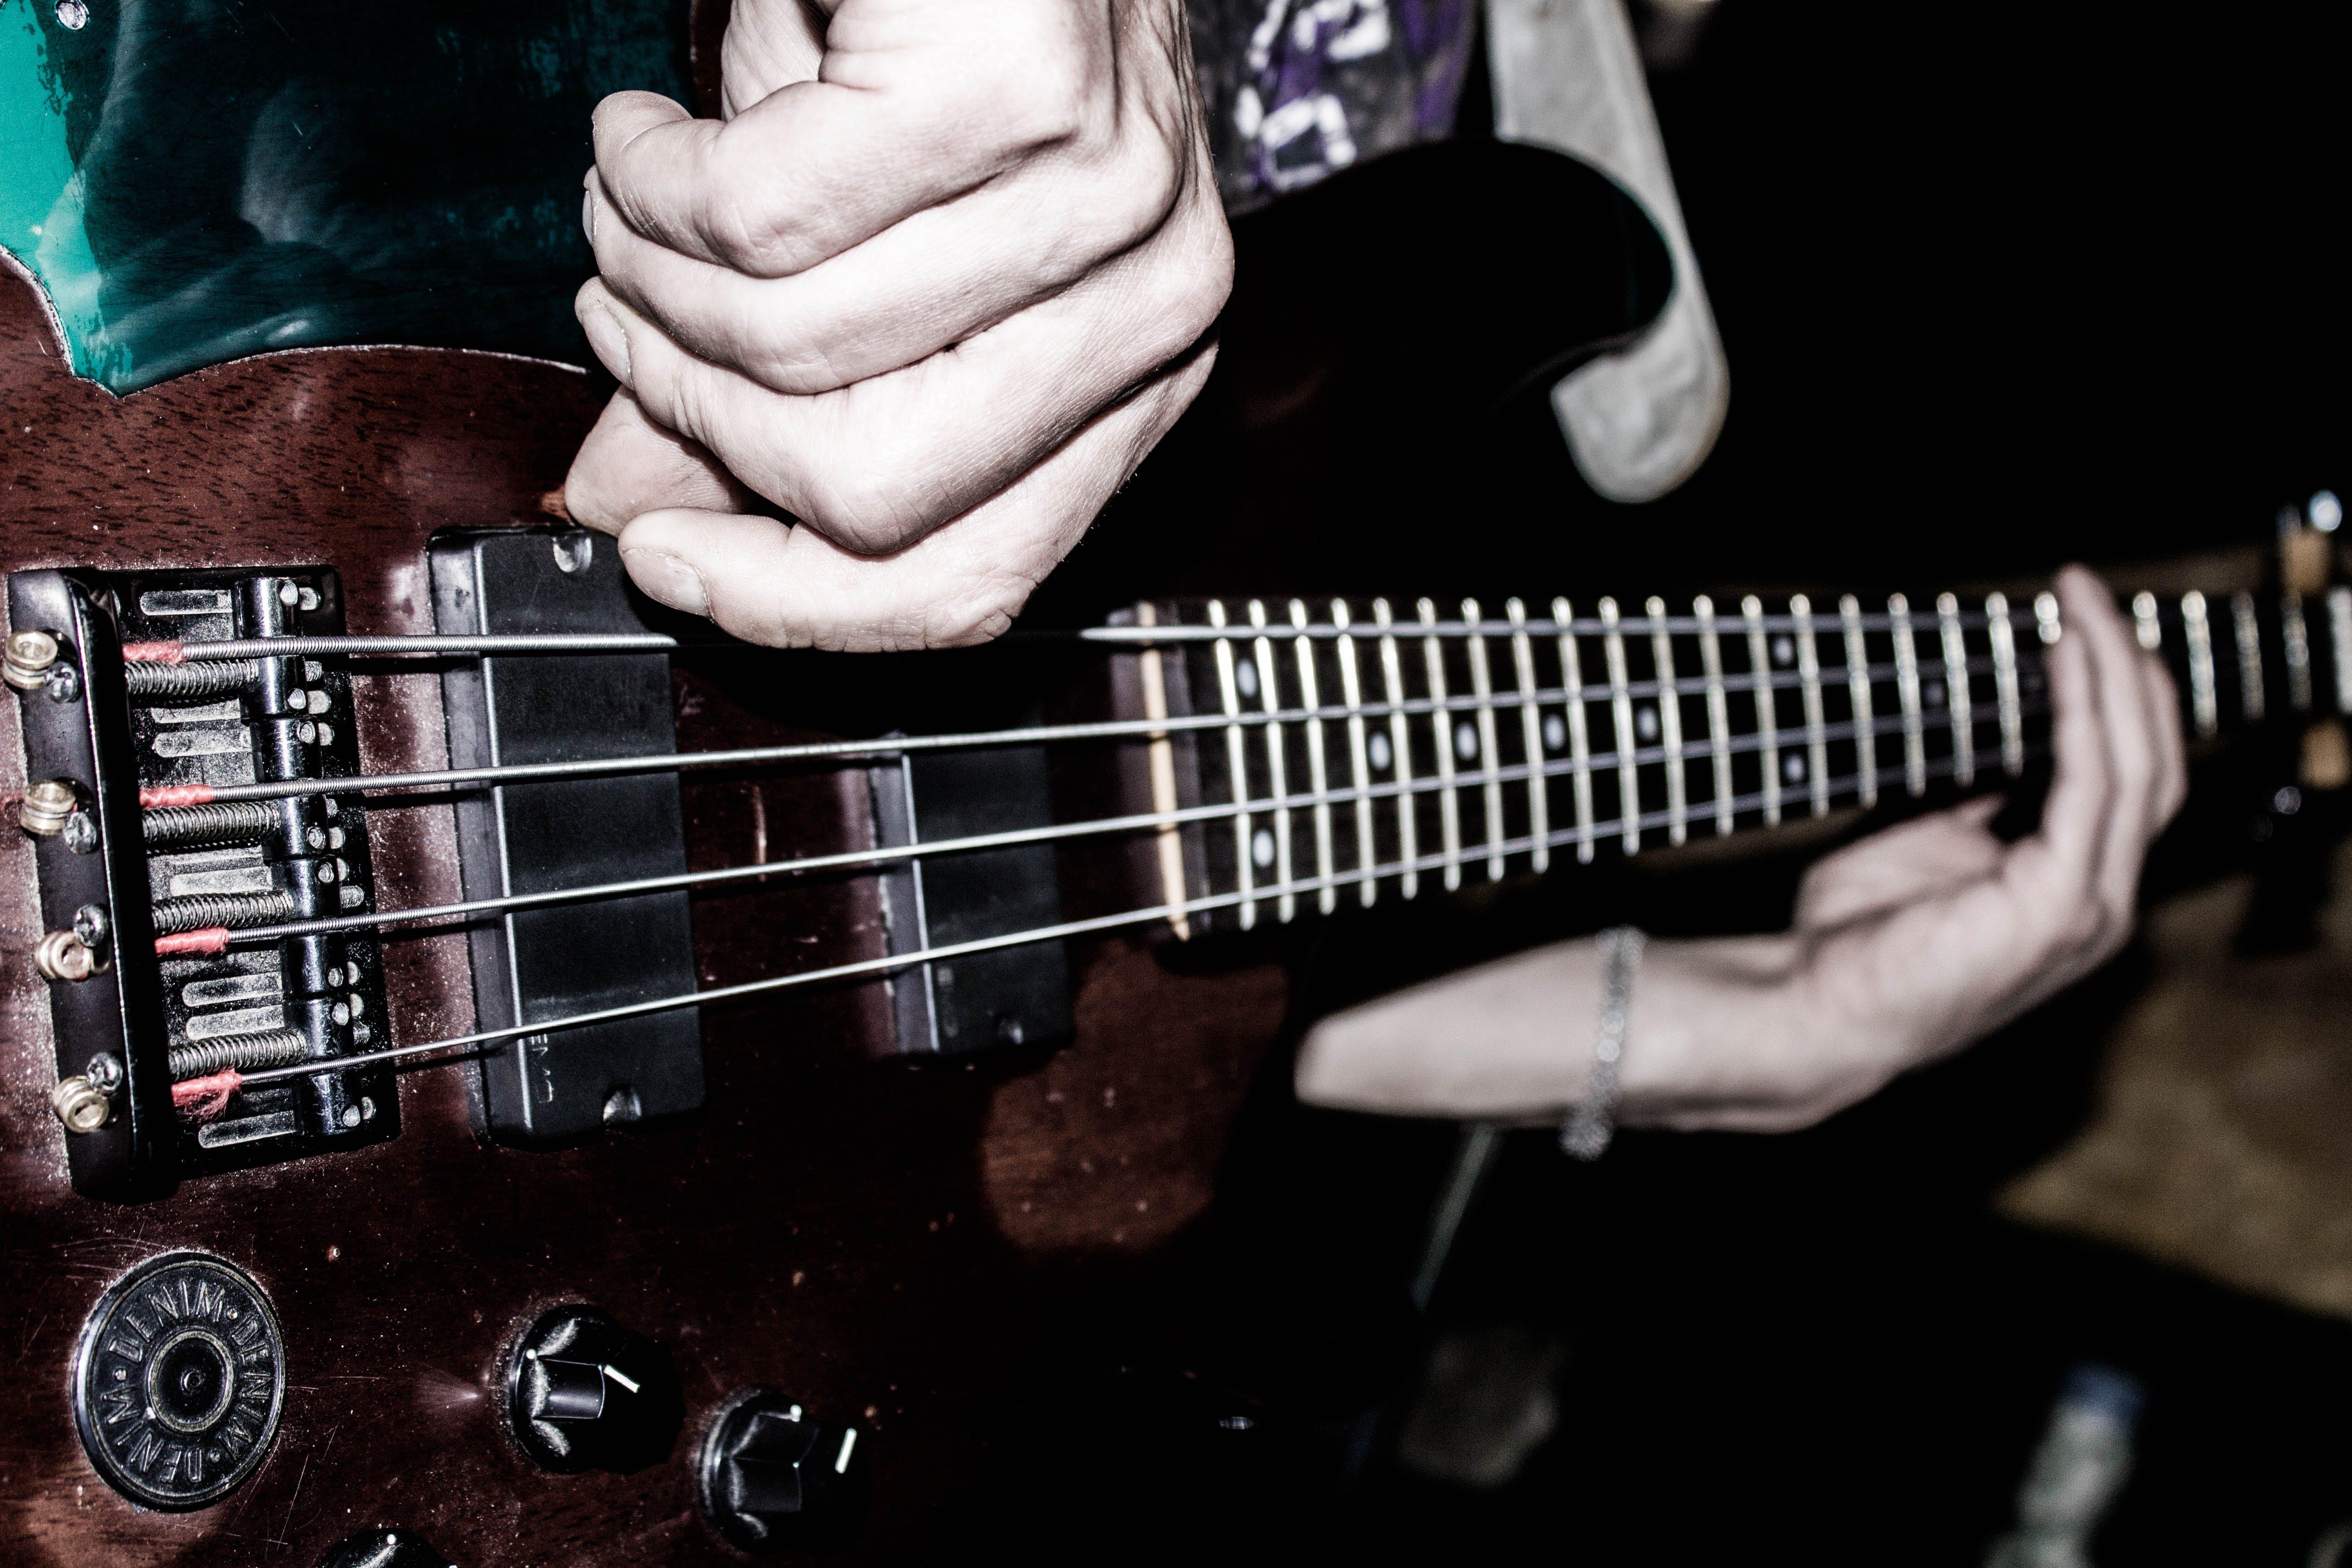 エレキギター, ギター, コンサート, ジャズの無料の写真素材